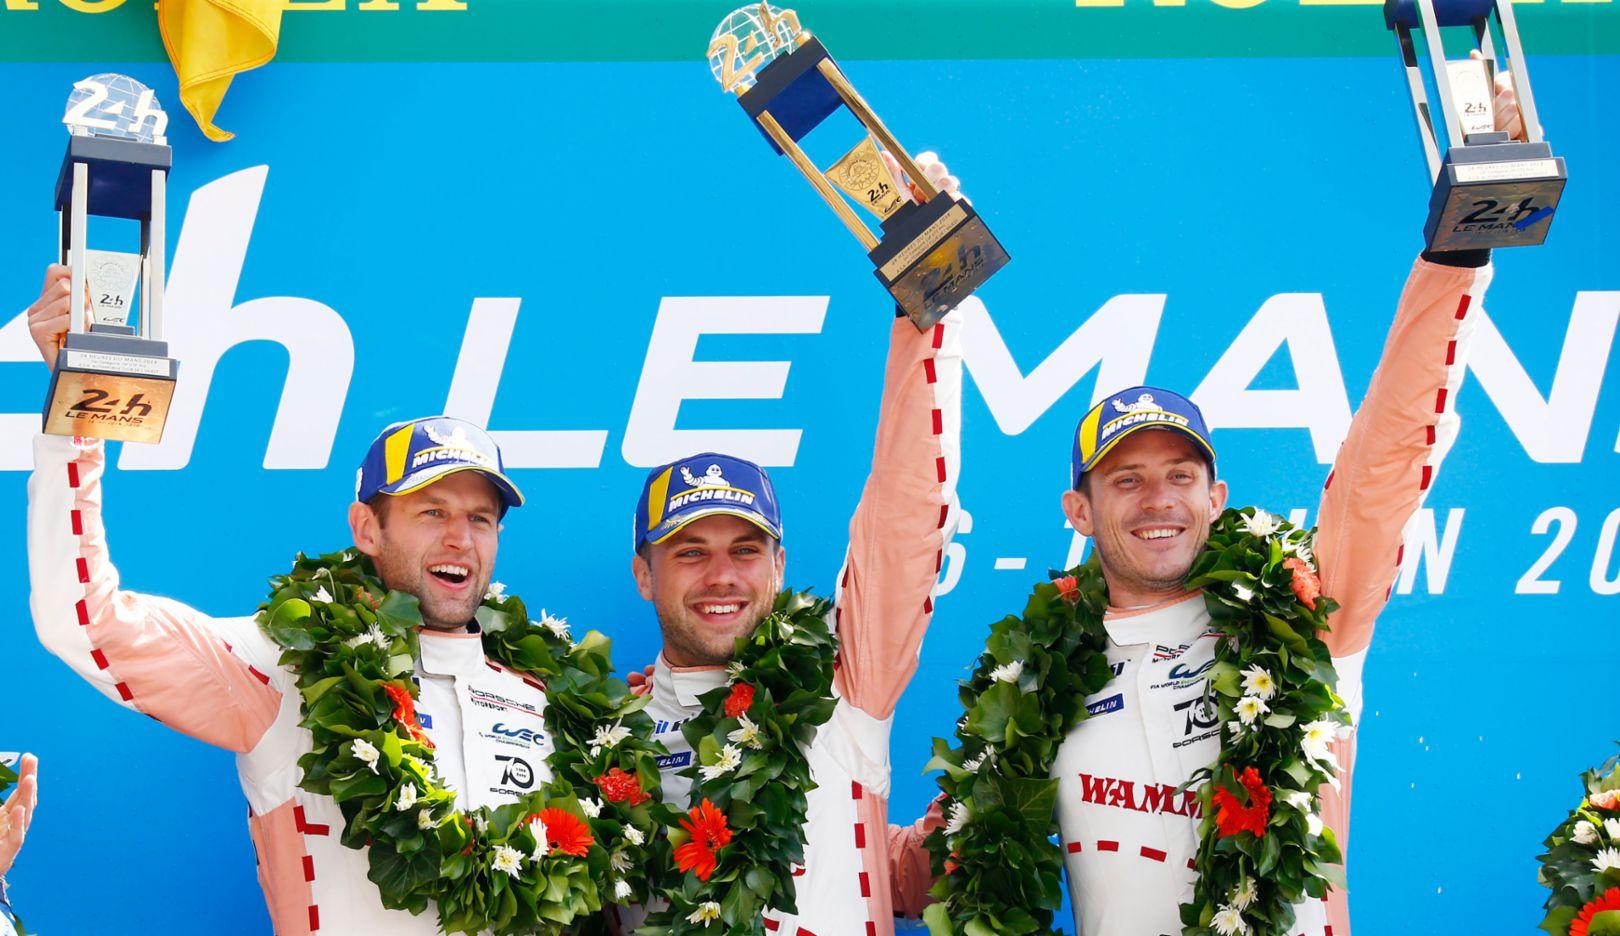 Экипаж Porsche GT (92), Михаэль Кристенсен (Дания), Лауренс Вантор (Бельгия), Кевин Эстр (Франция) (слева направо), Ле-Ман, 2018, Porsche AG